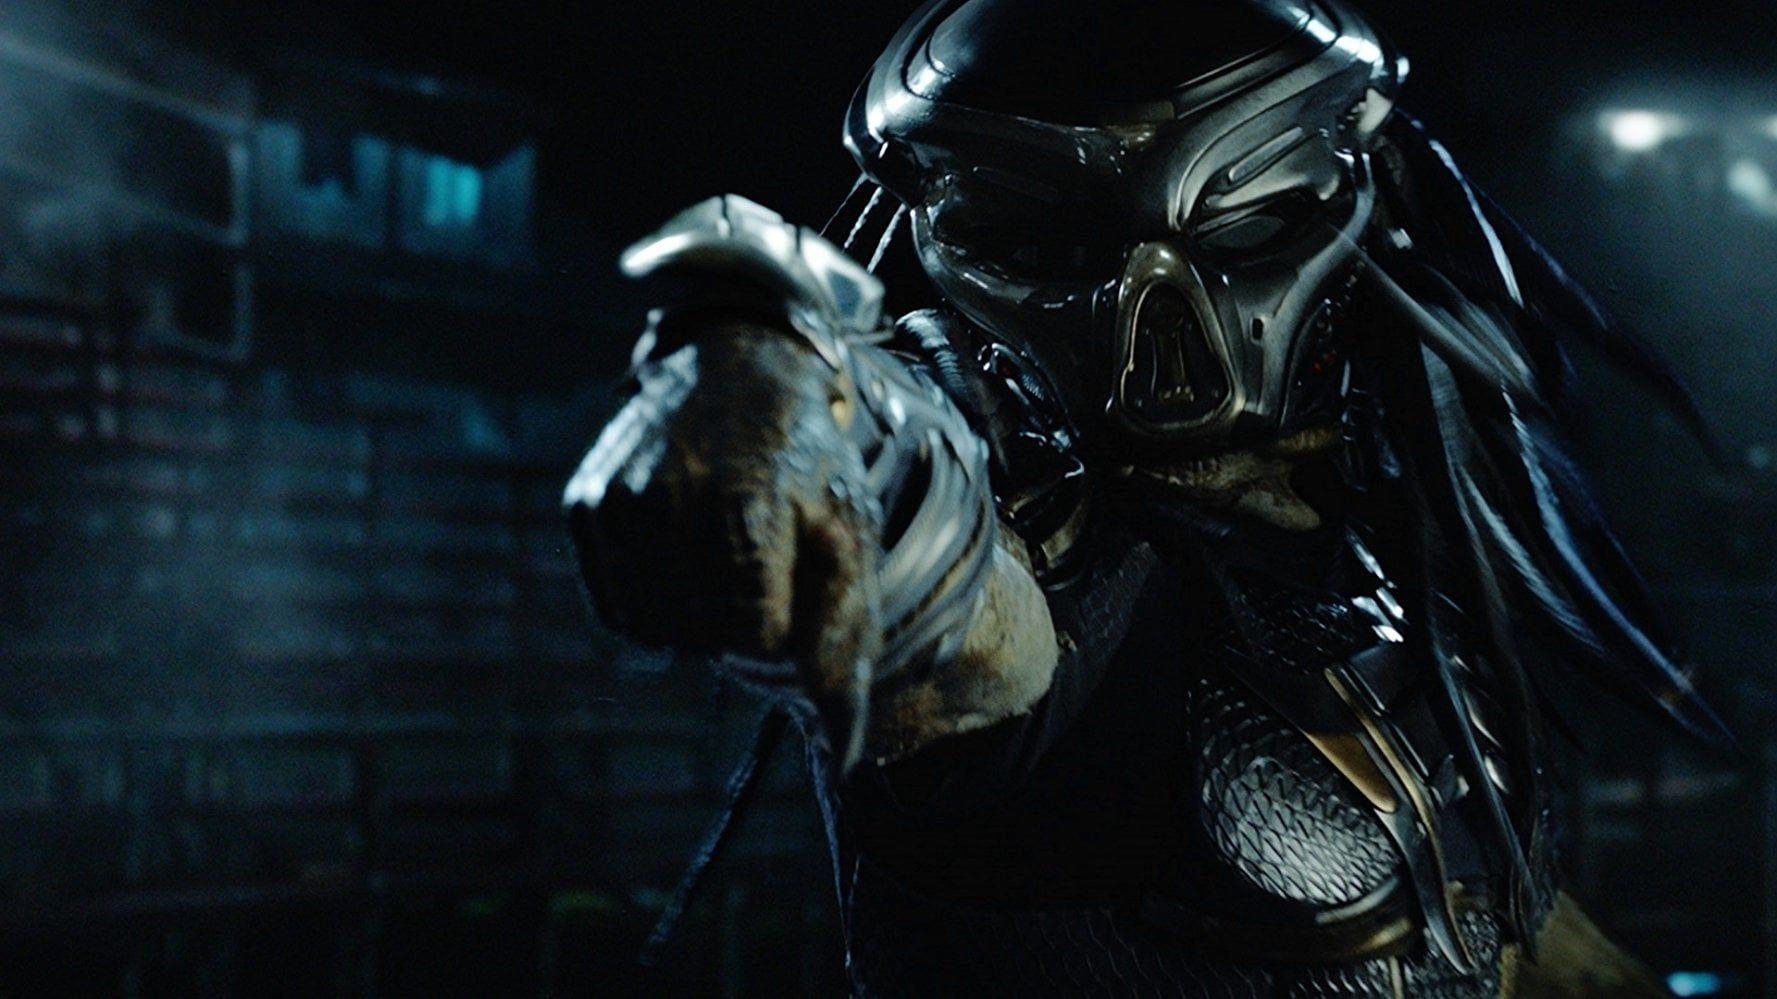 The Predator 2018 Streaming Ita Cb01 Film Completo Italiano Altadefinizione Dai Confini Dello Spazio Inesplorato La Predatore Guardare Film Film Per Famiglia